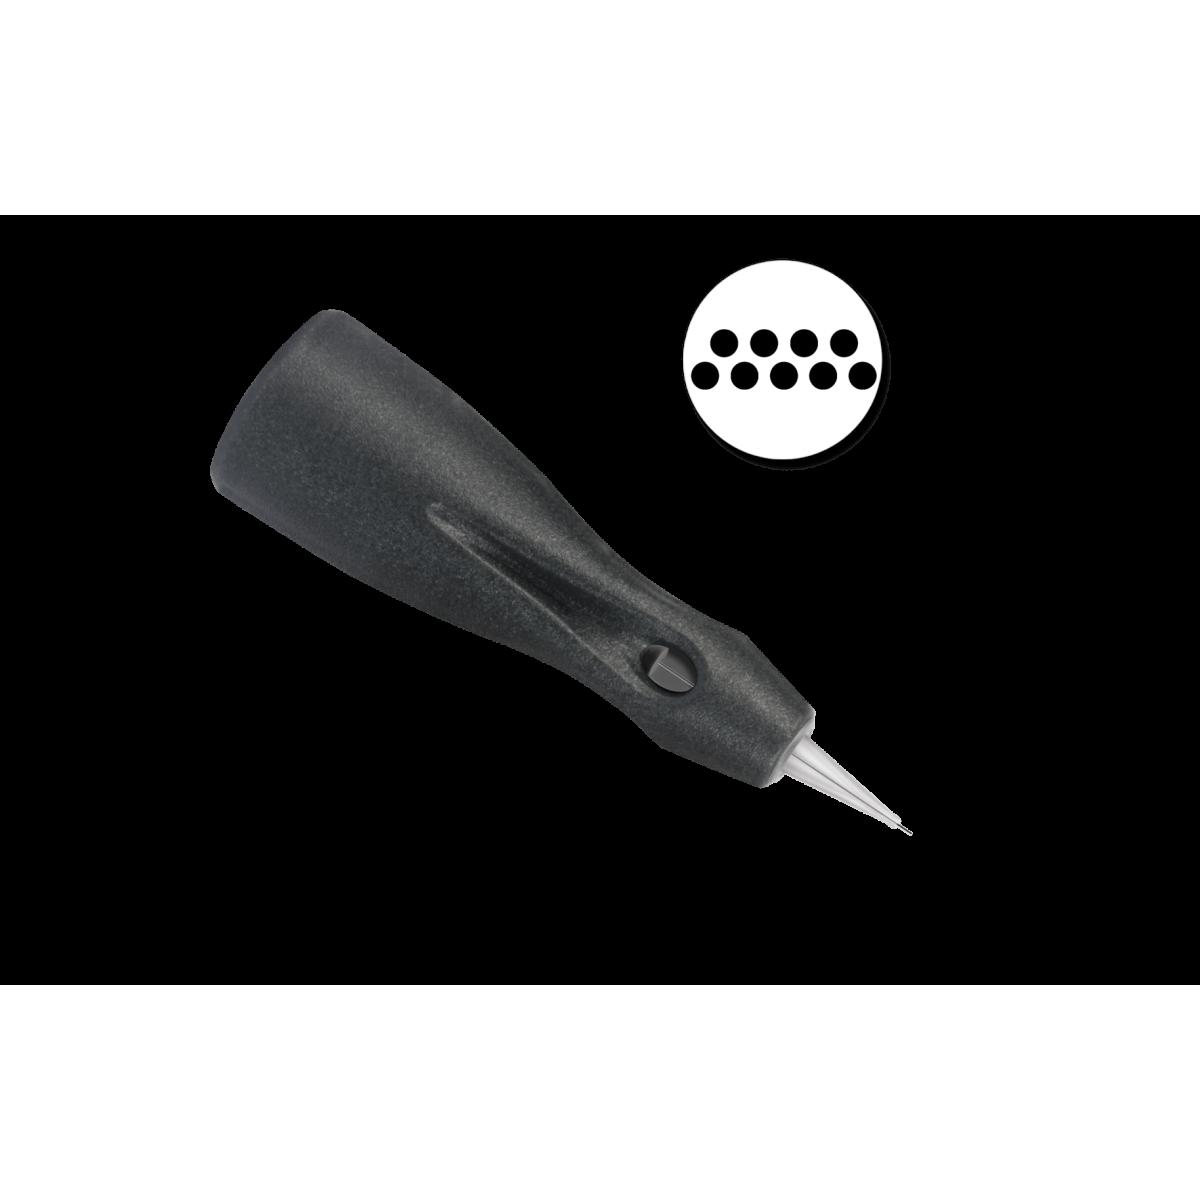 POUR EASY LINE - MODULE 9 MAGNUM (0,30 mm) EASY LINE AMIEA